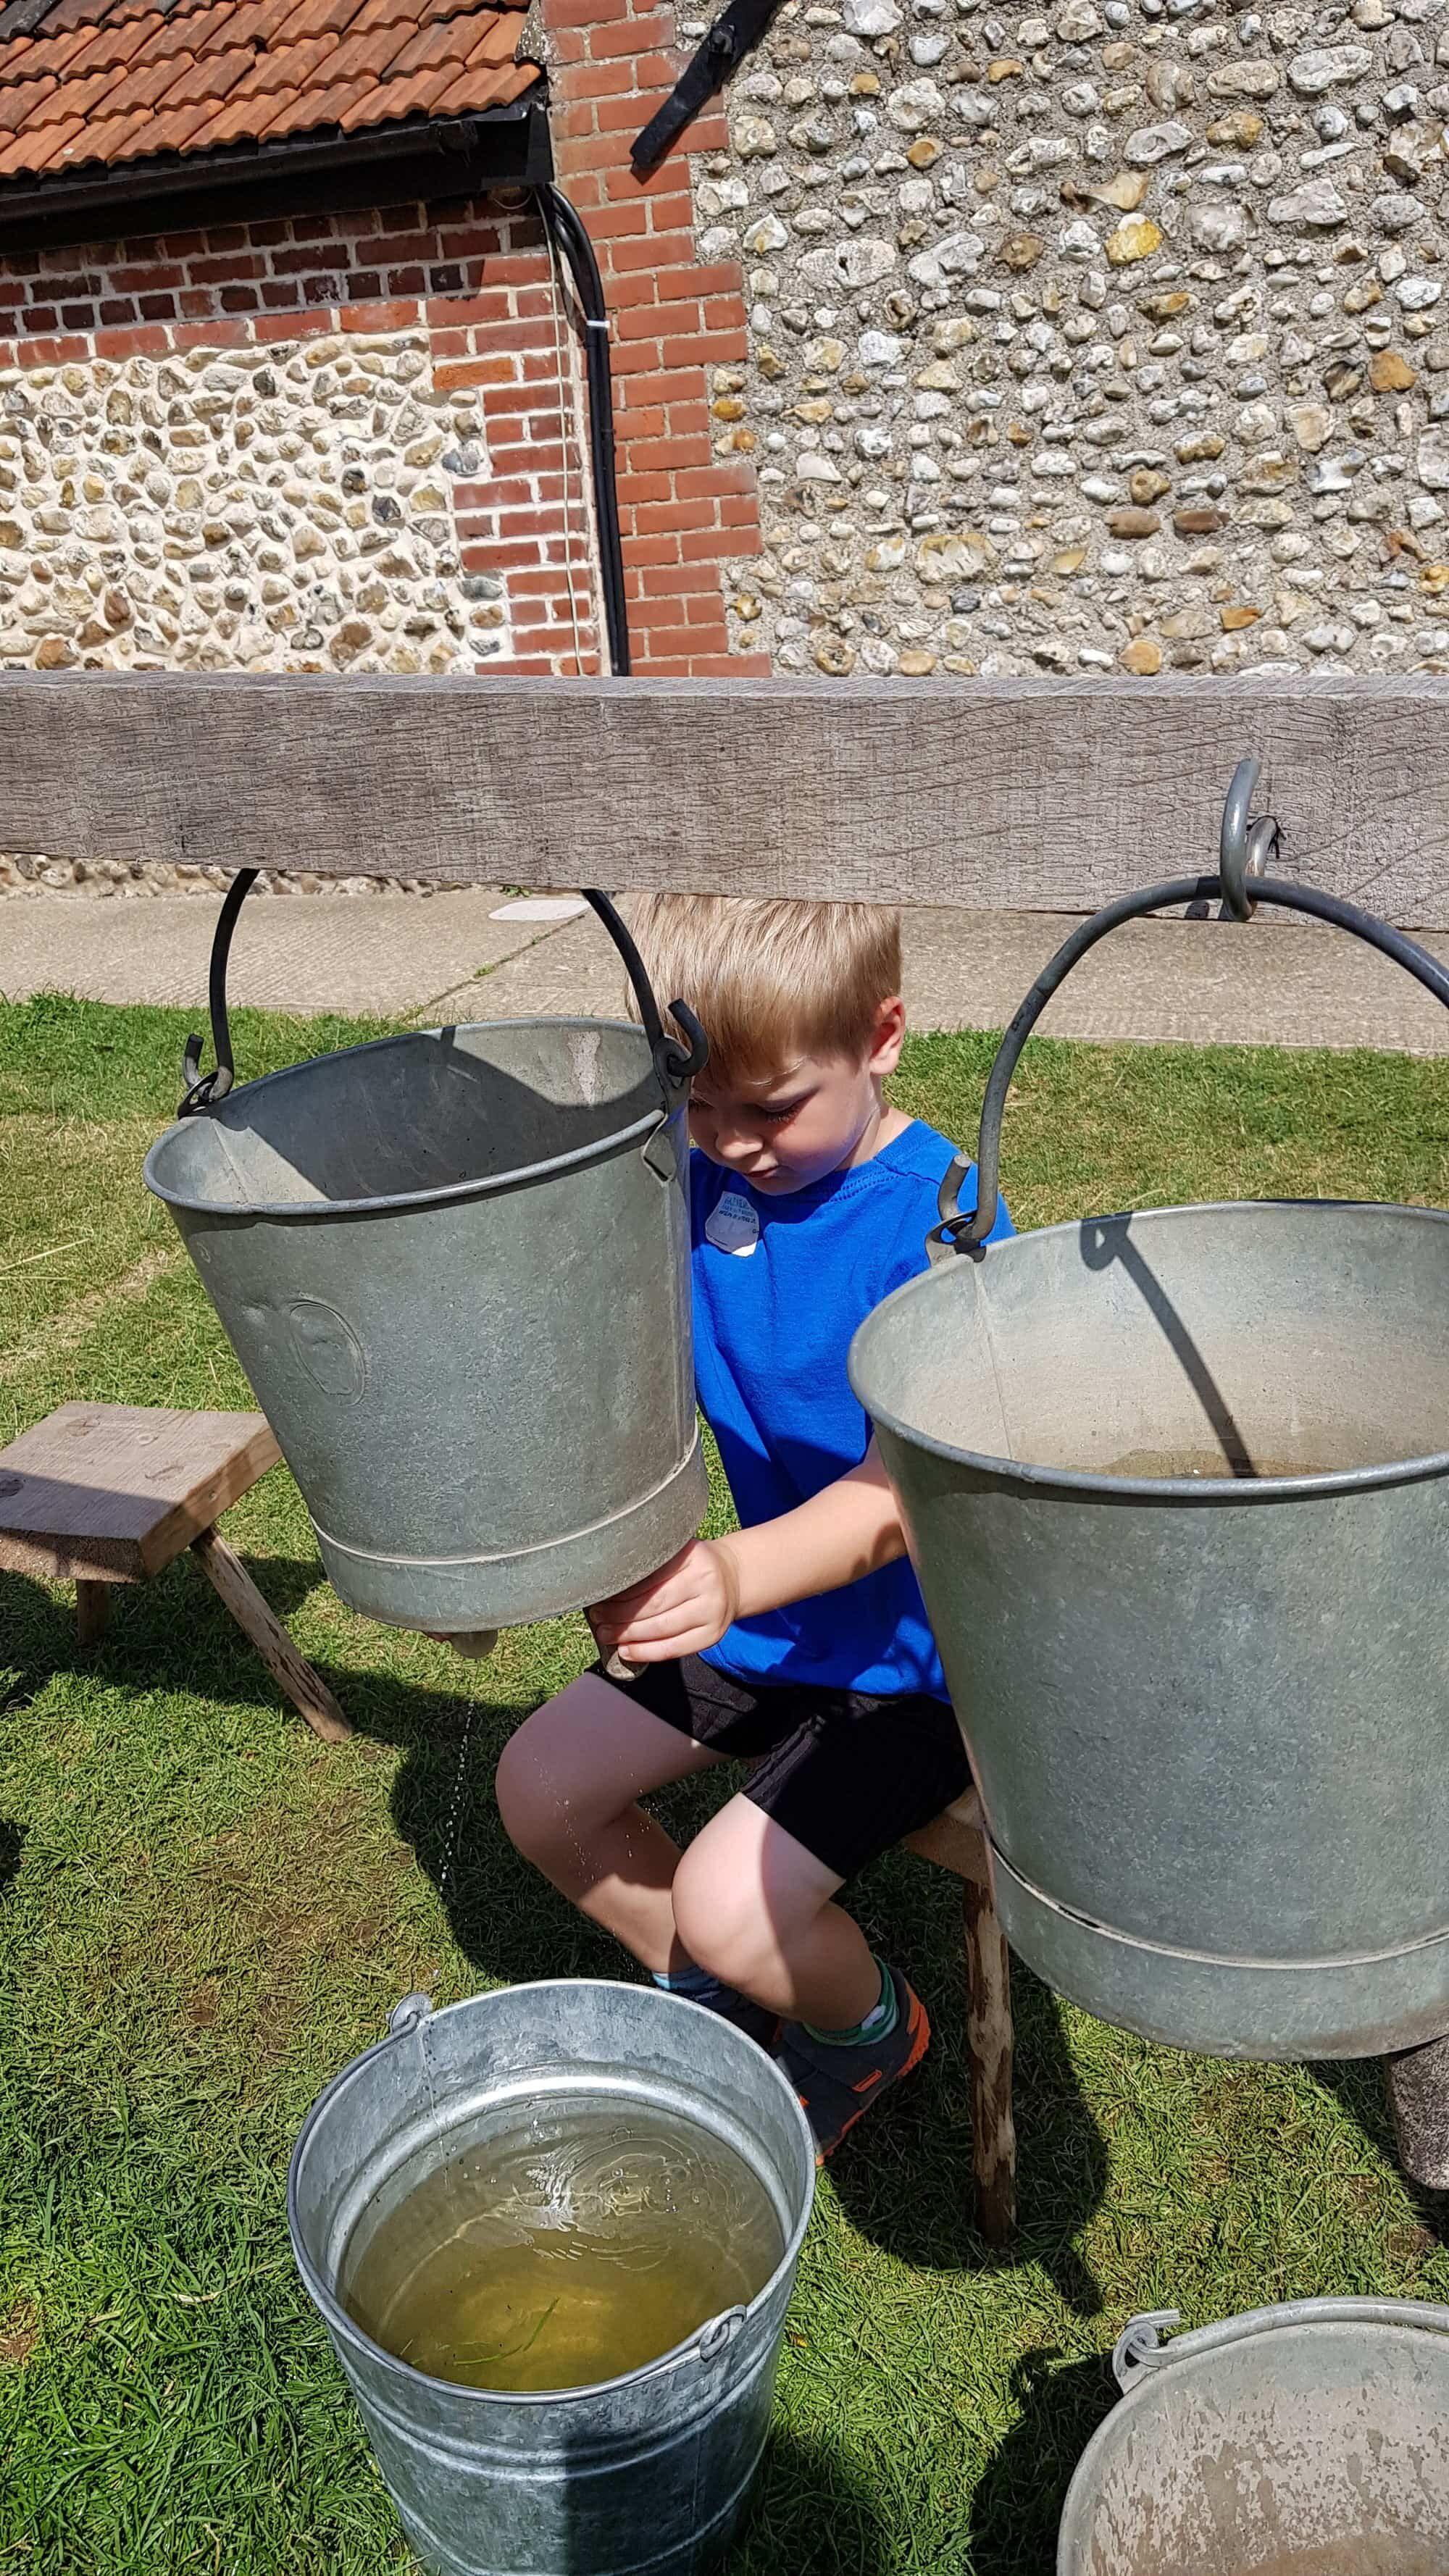 Milking a bucket